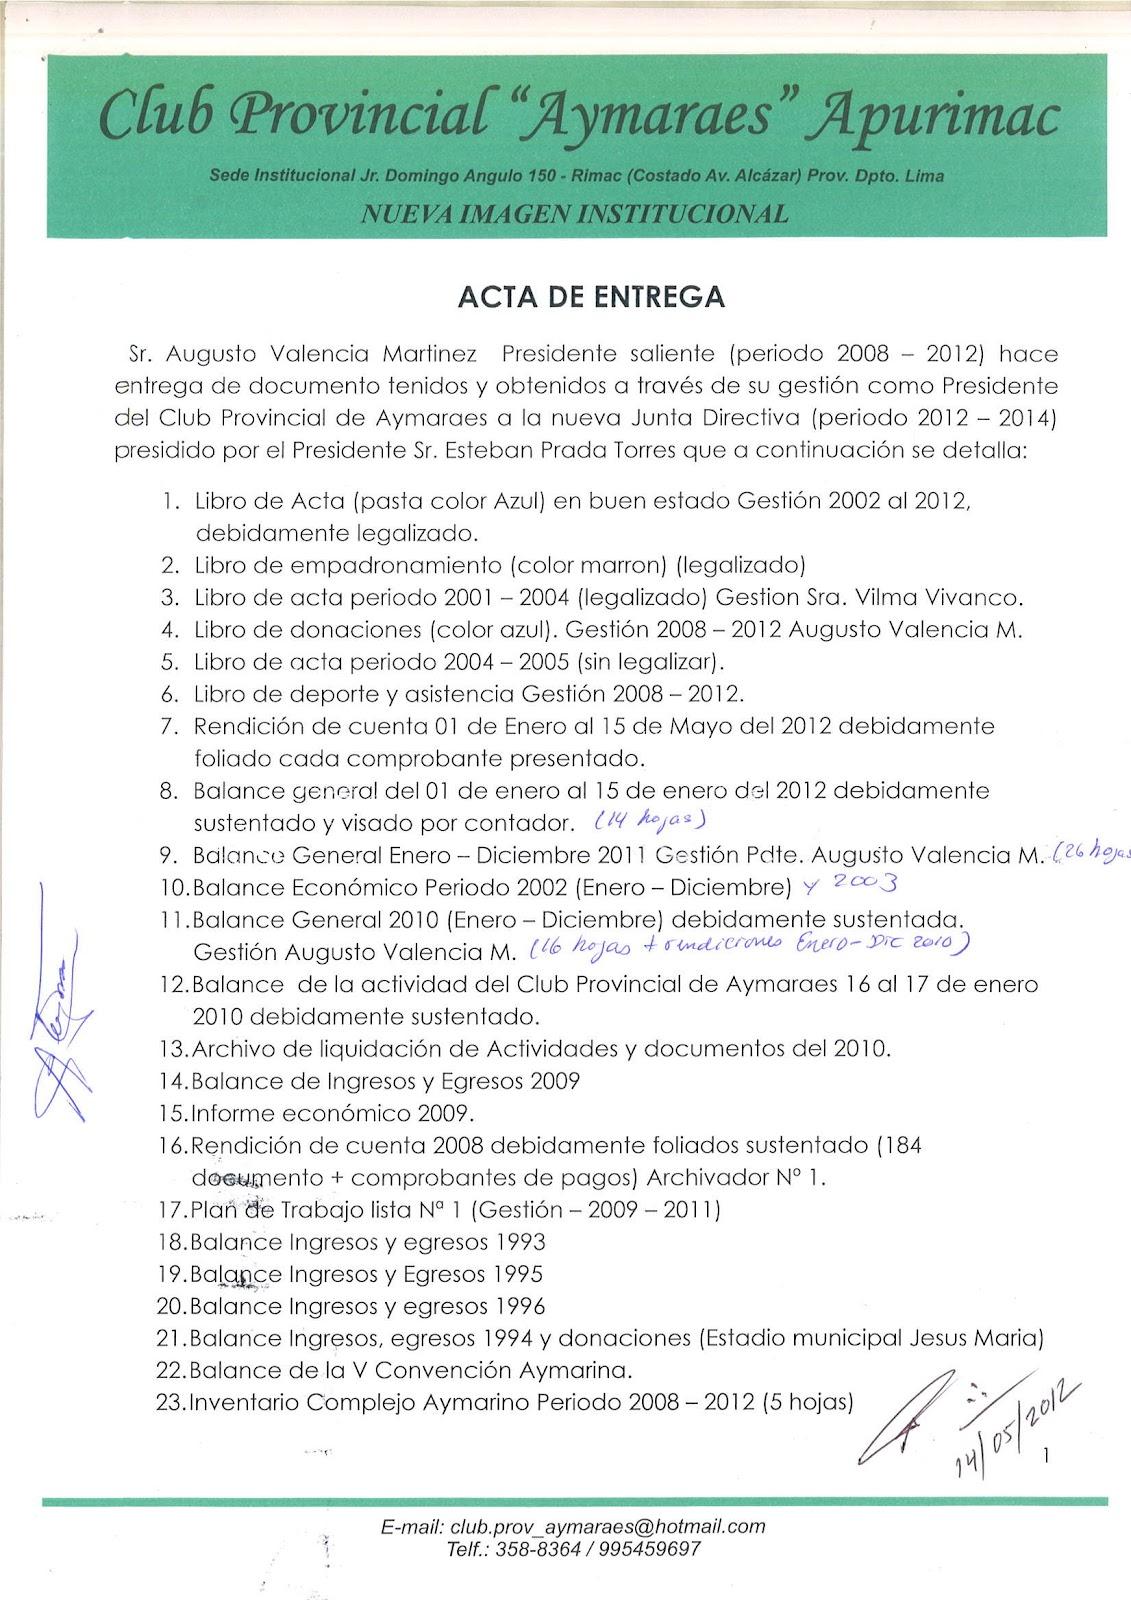 CLUB PROVINCIAL DE AYMARAES: mayo 2012